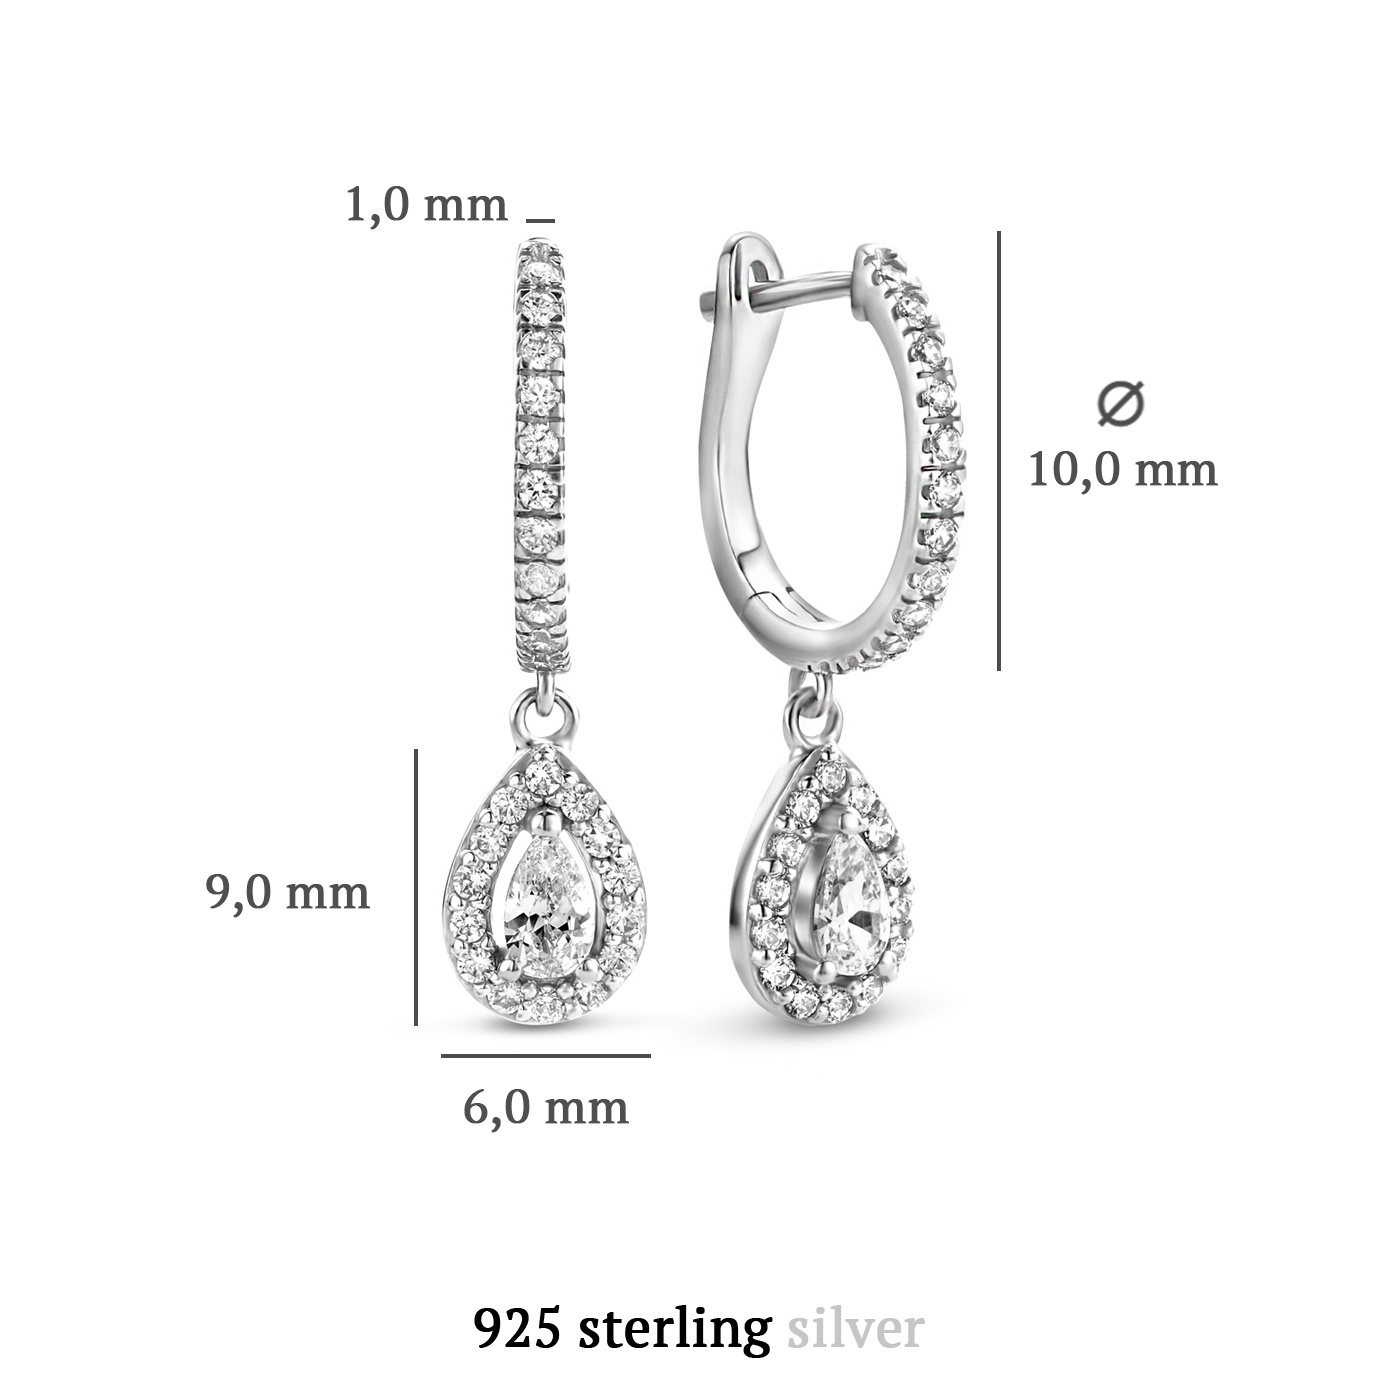 Parte di Me Ponte Vecchio Pitti 925 sterling zilveren oorhangers met zirkonia